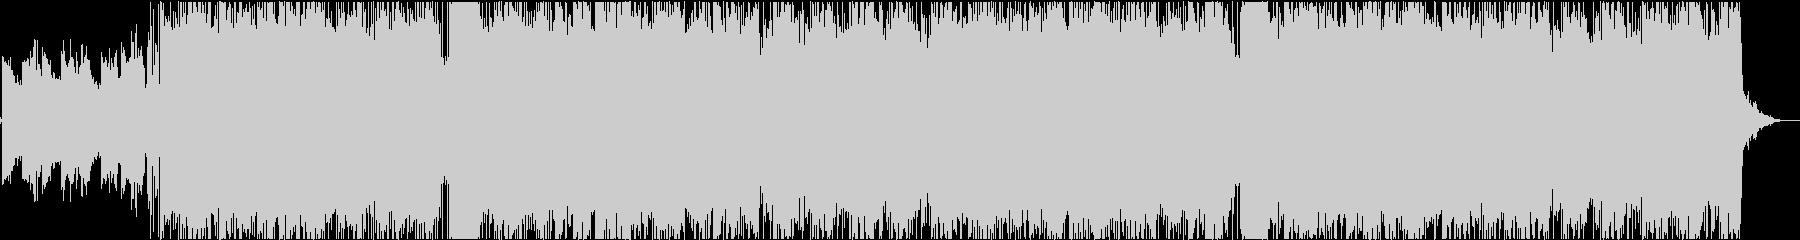 切ないおしゃれなR&B(メロディ無し)の未再生の波形